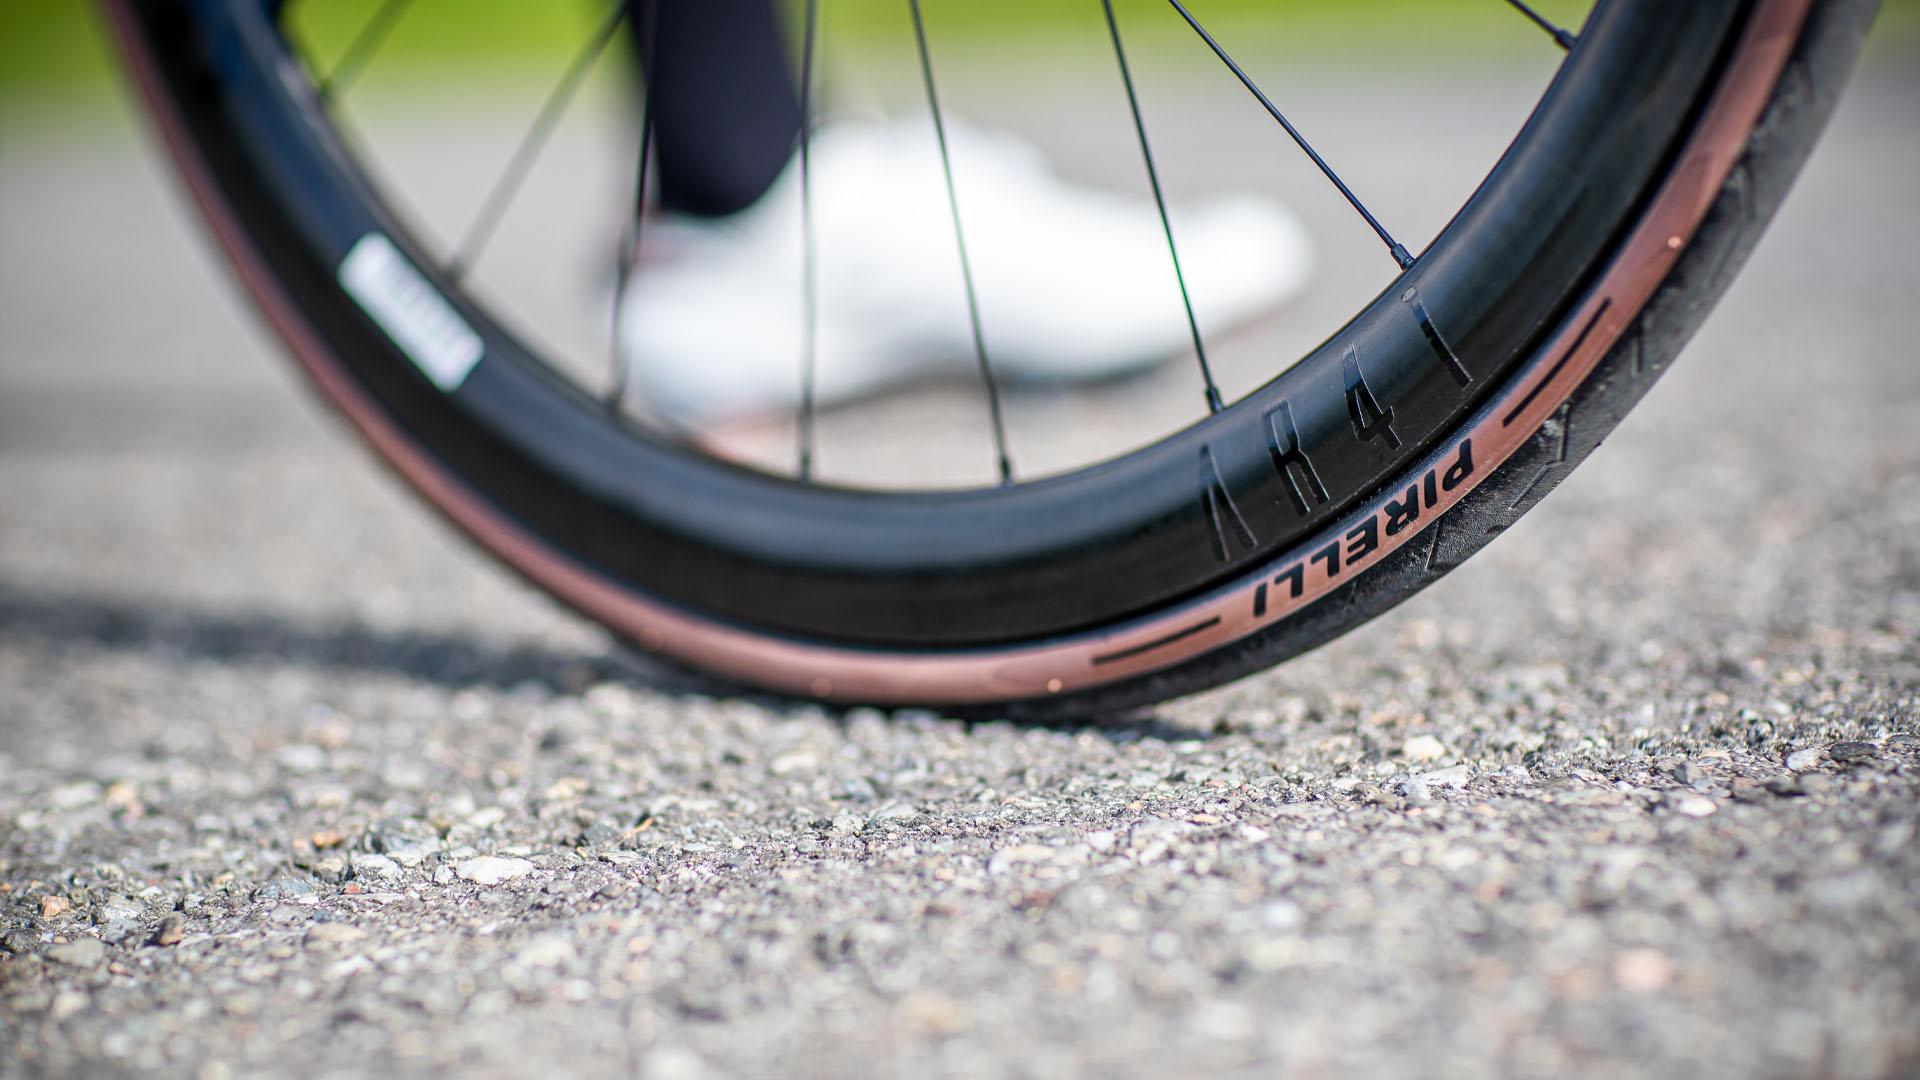 Les nouveaux pneus P Zero Road et Race de Pirelli – à la fois plus adhérents et plus rapides?